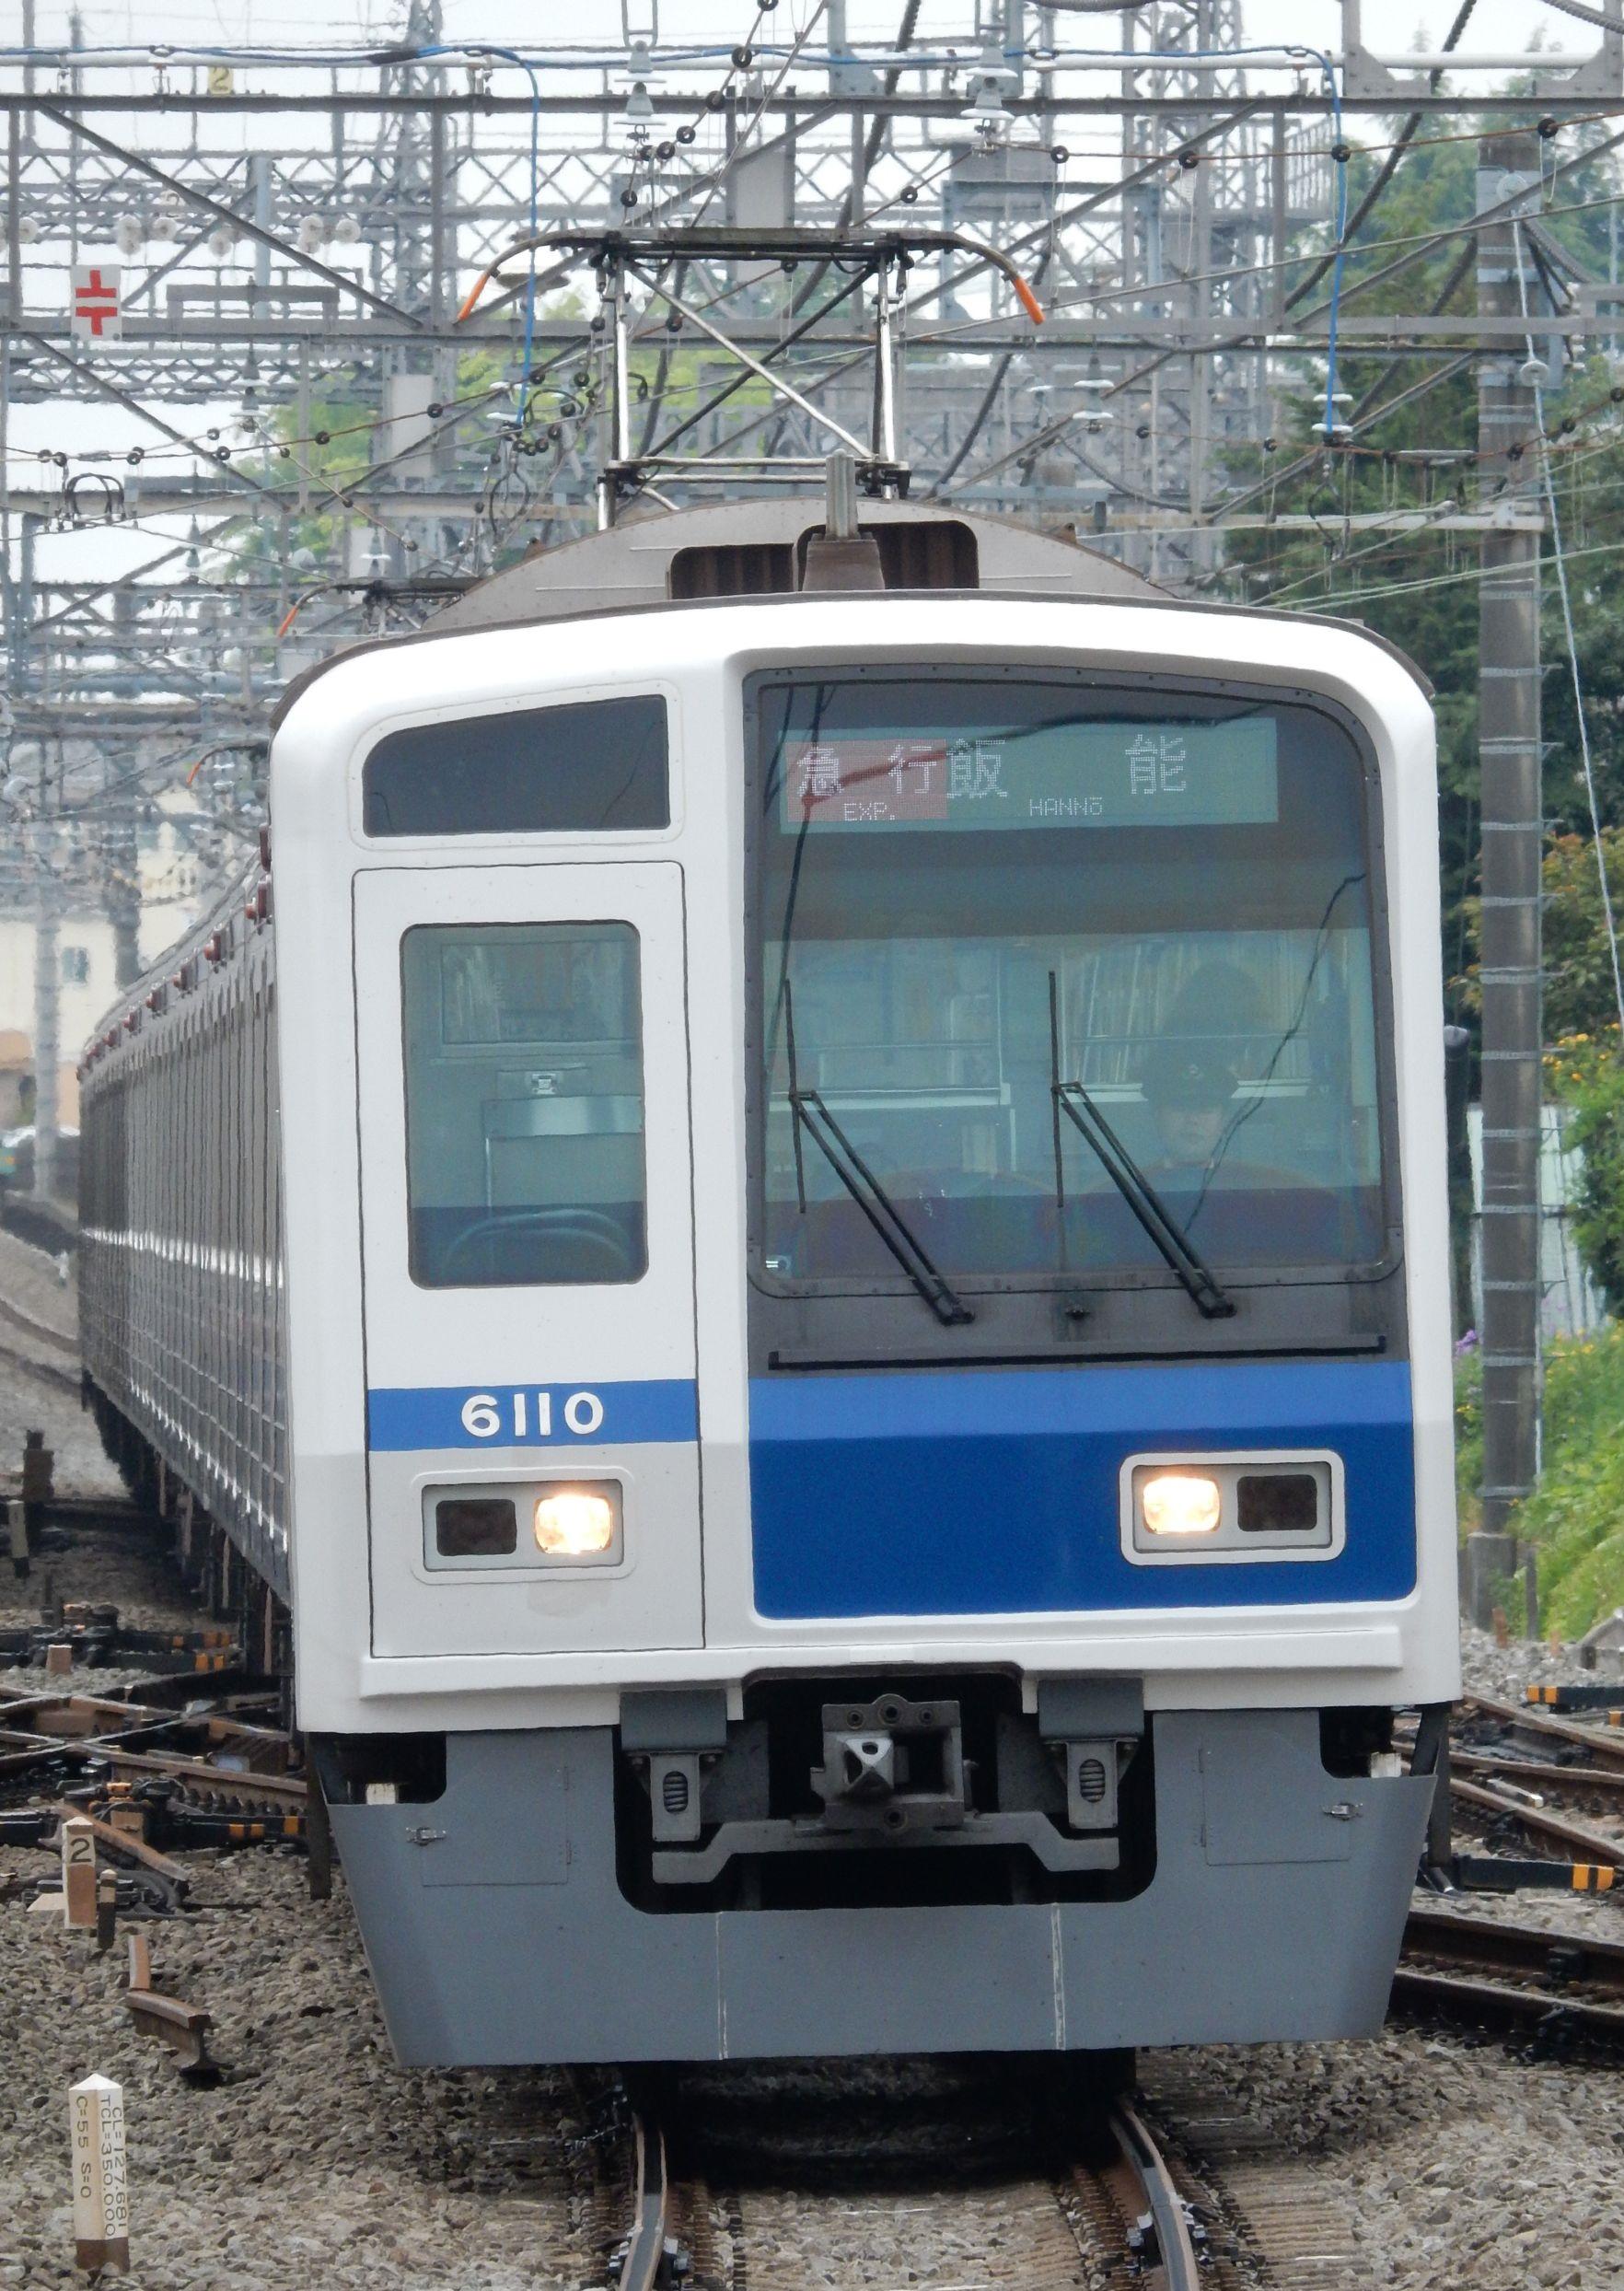 DSCN7939 - コピー